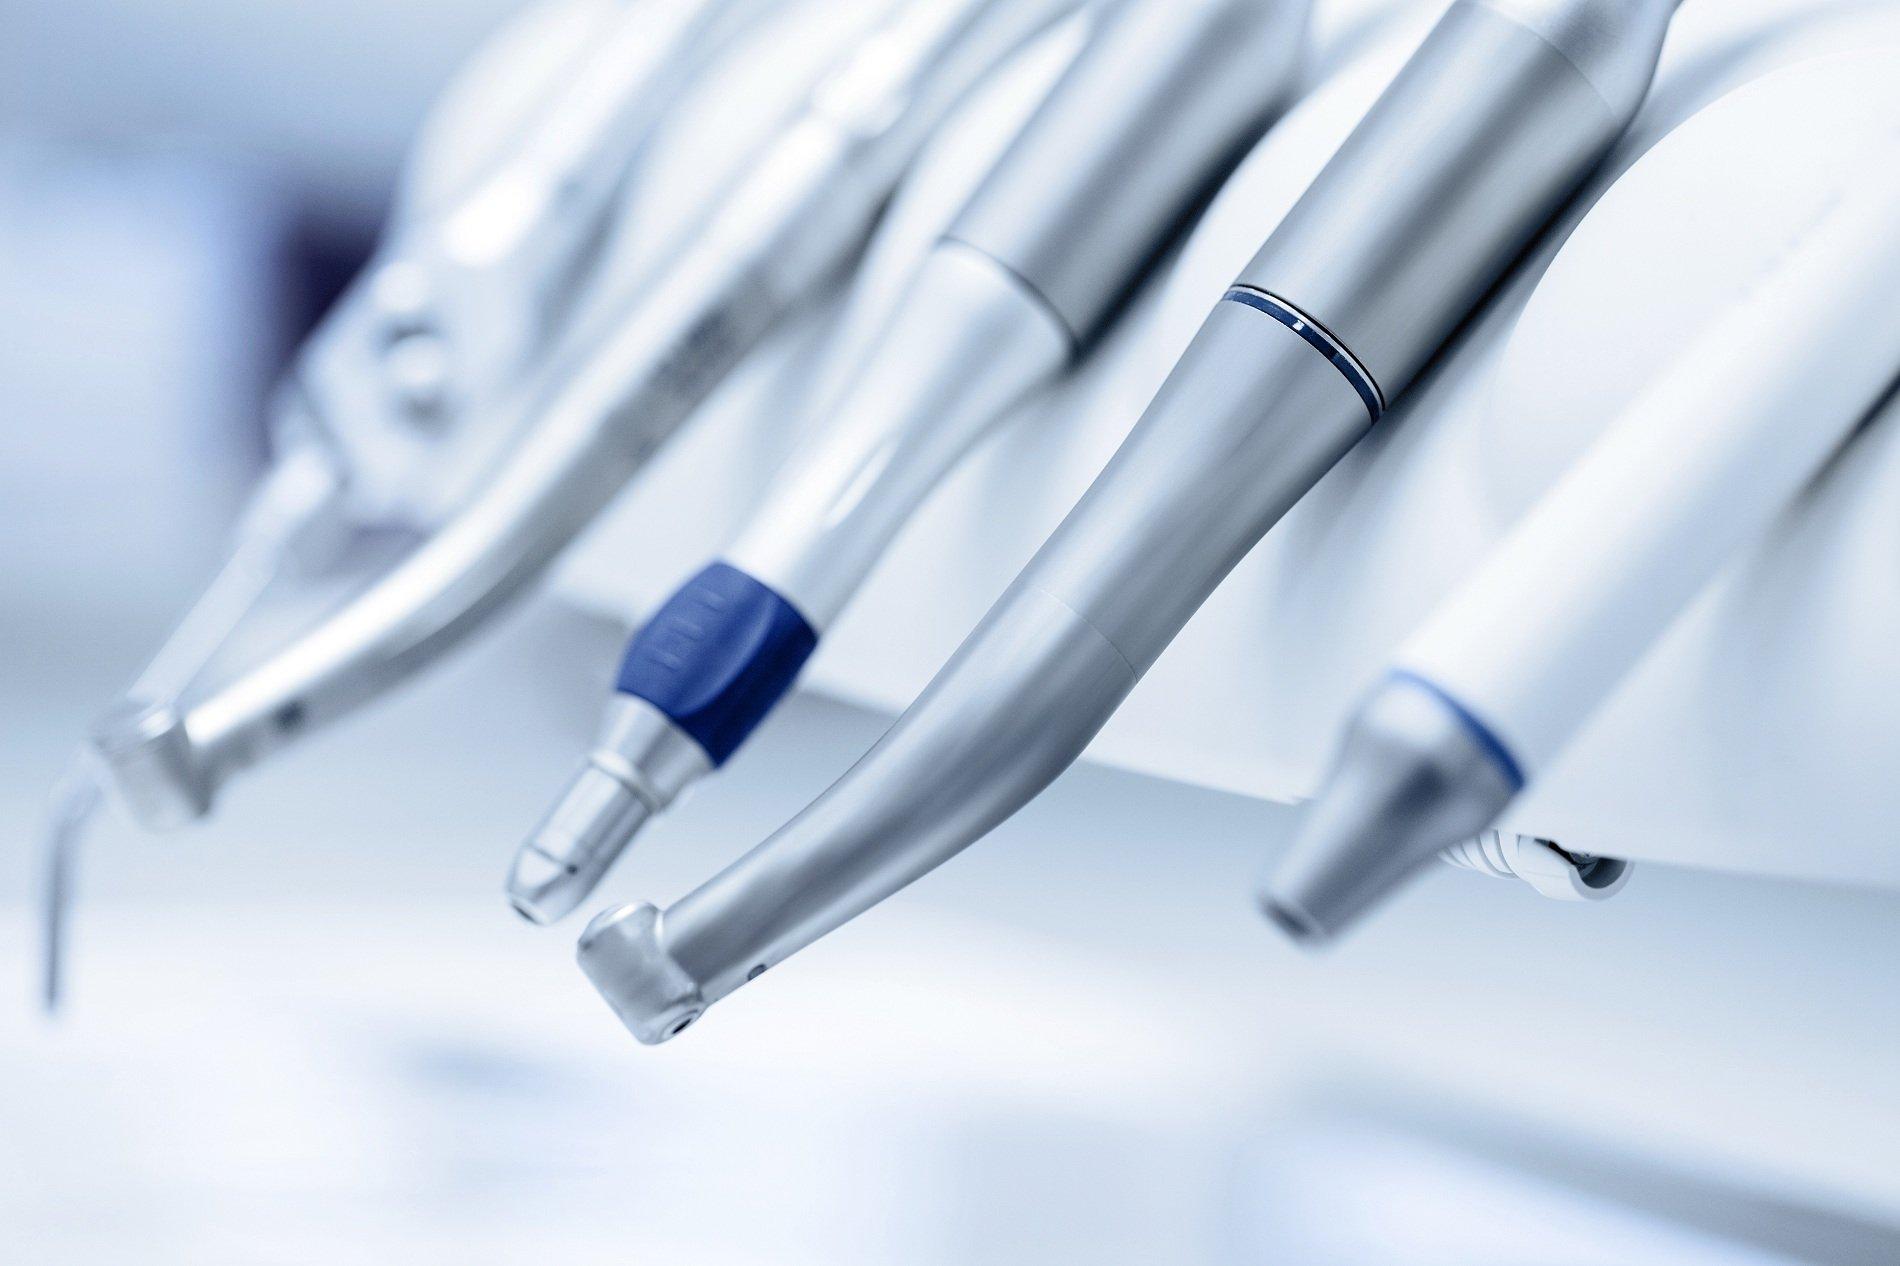 dettaglio attrezzature da dentista